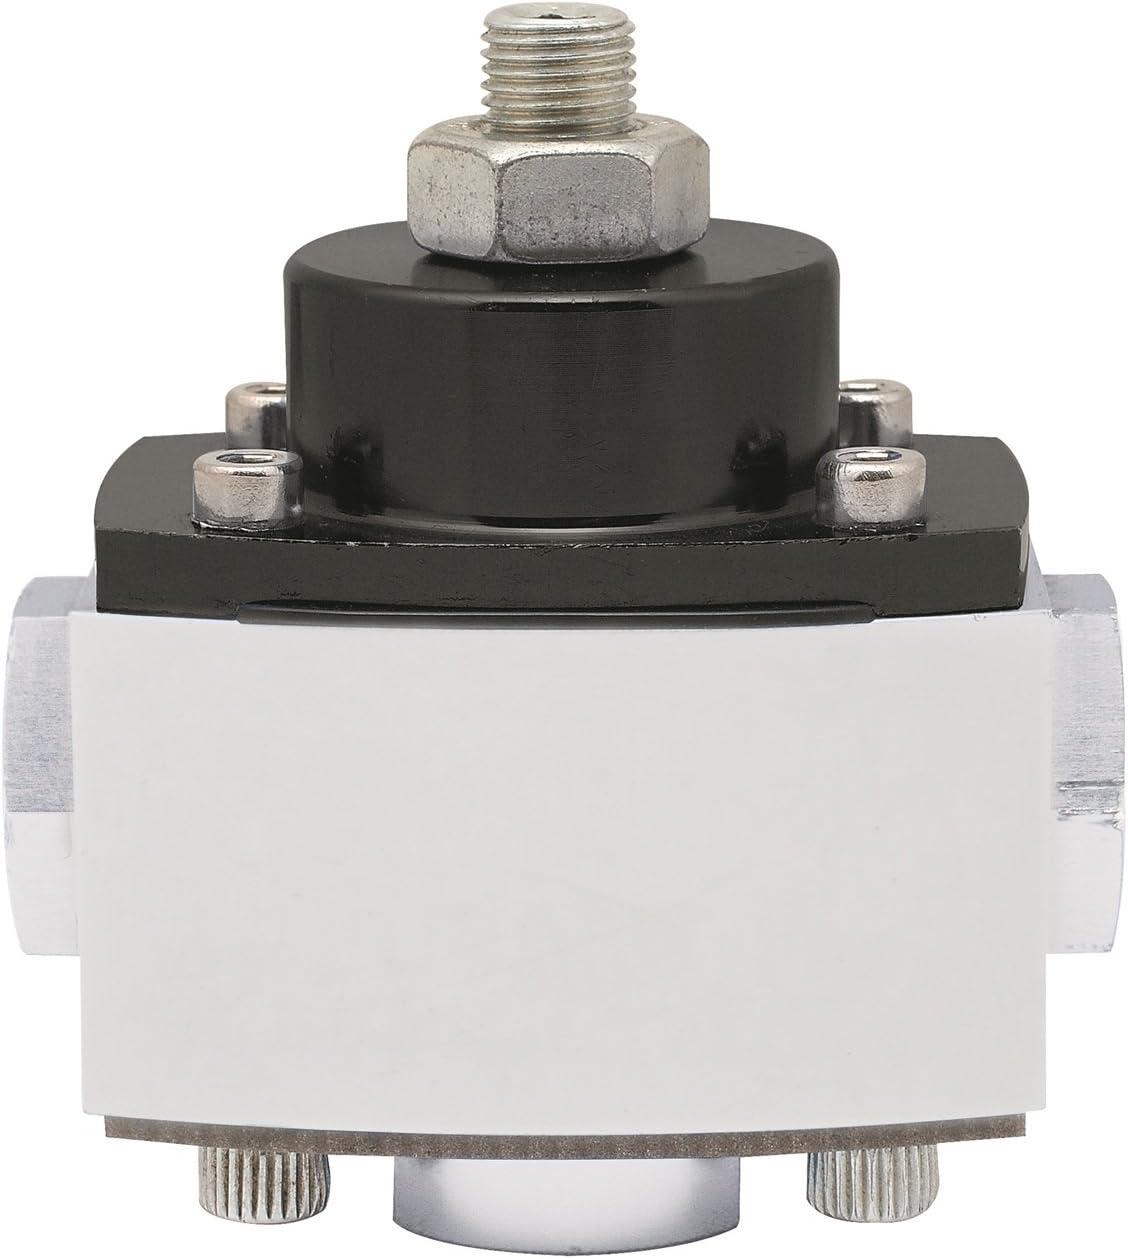 Mr Gasket Soldering 2015 4.5 to 9 Fuel PSI High Performance OFFer Pressure Regul